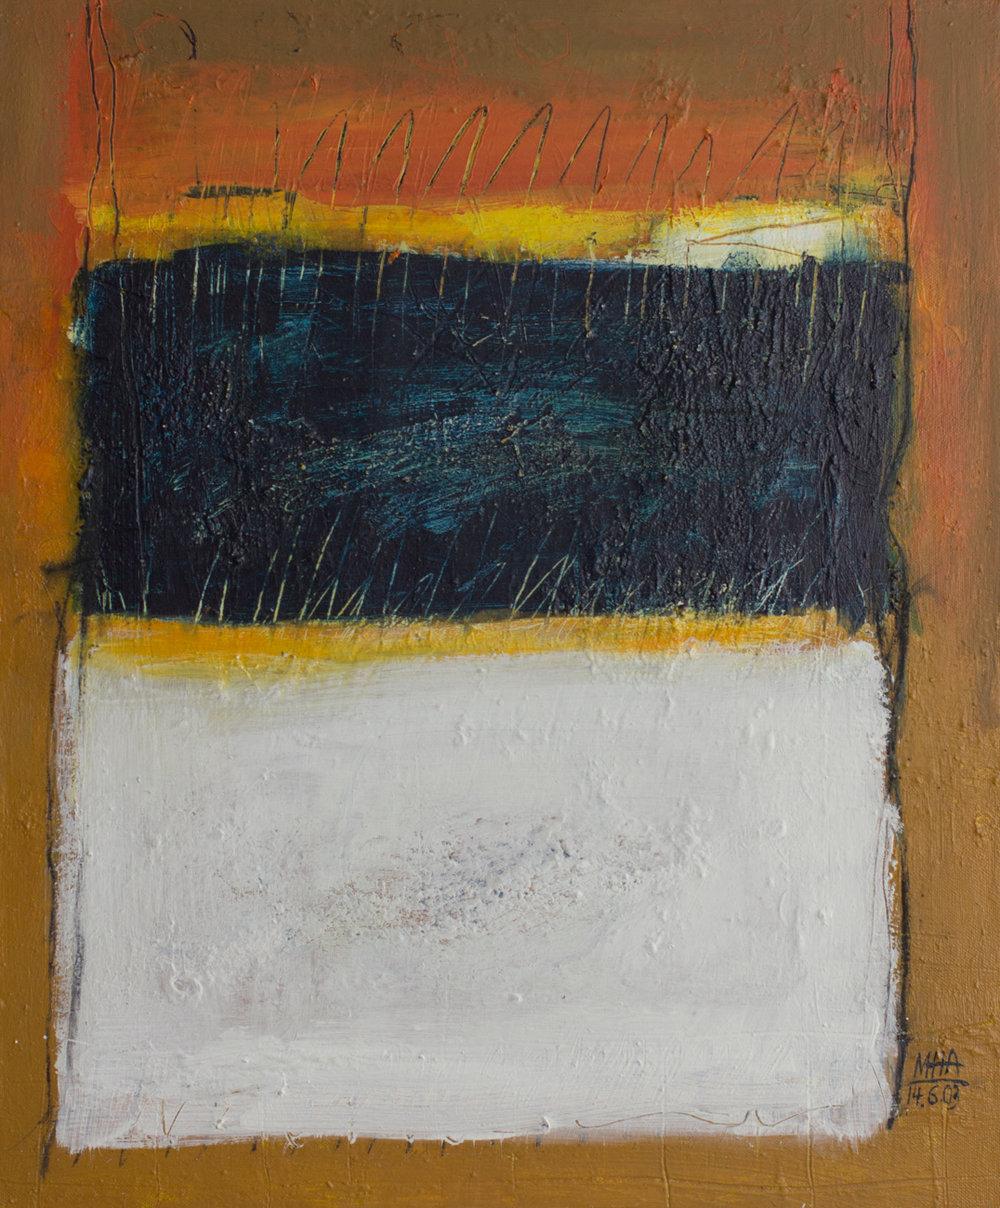 Tapiz 18 , 2002,Acryl auf Leinwand, 50x60 cm